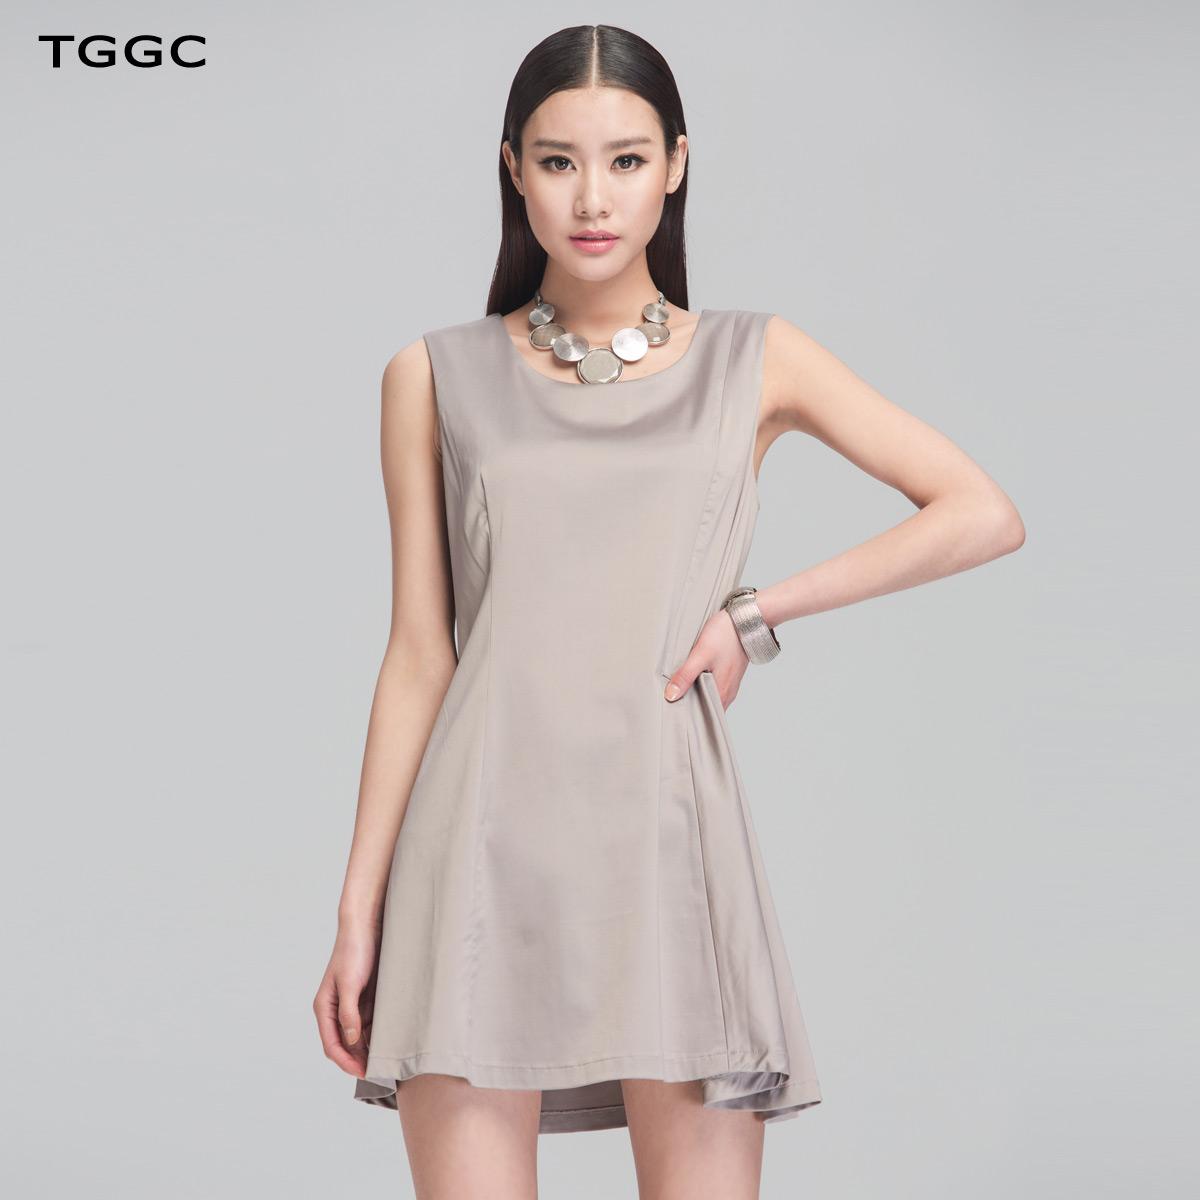 TGGC 2014春夏款女装 纯色显瘦背心裙 无袖打底连衣裙 ...